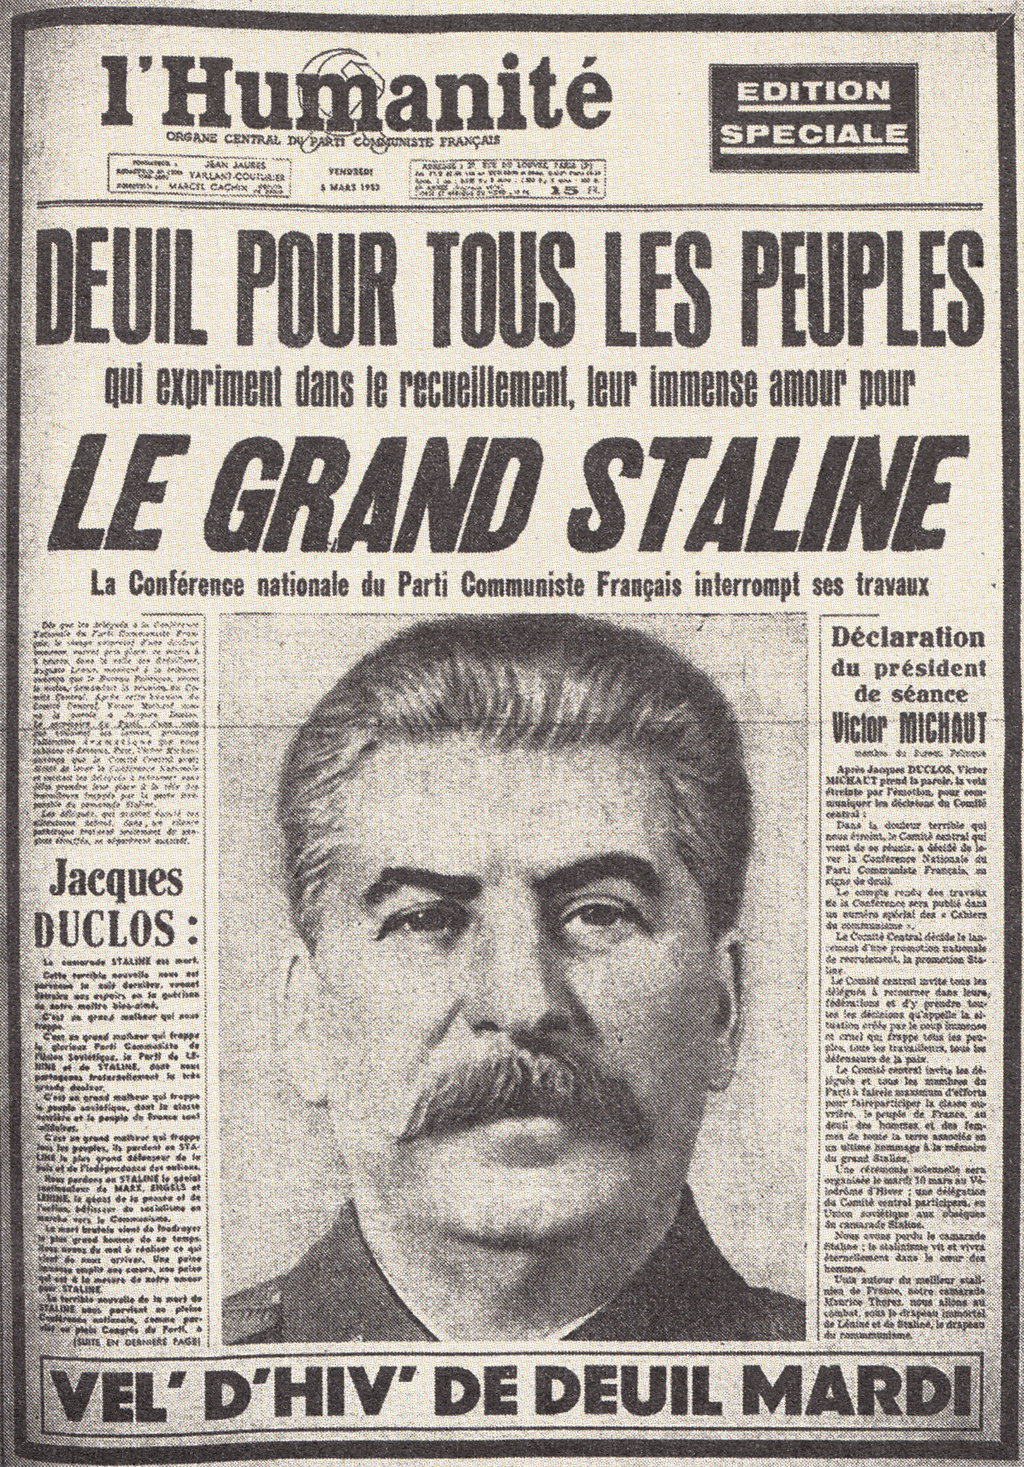 Le Blog de Gilles 5 Mars 1953  la mort de Staline